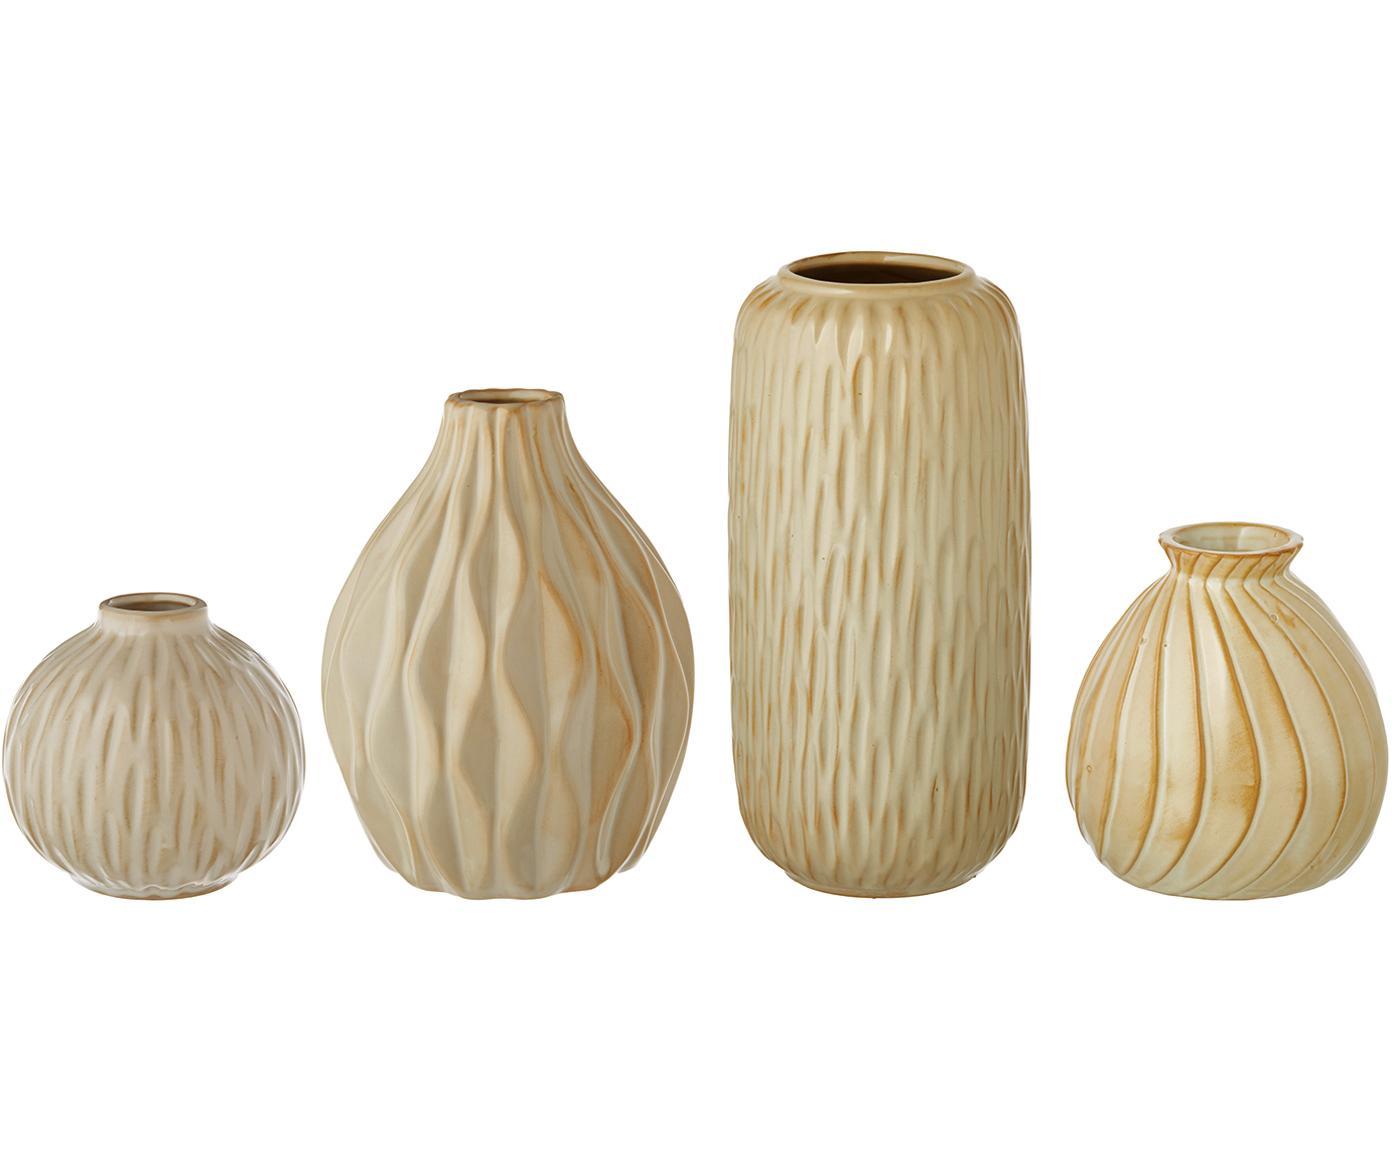 Komplet wazonów z porcelany Zalina, 4 elem., Porcelana, Kremowy, beżowy, Różne rozmiary